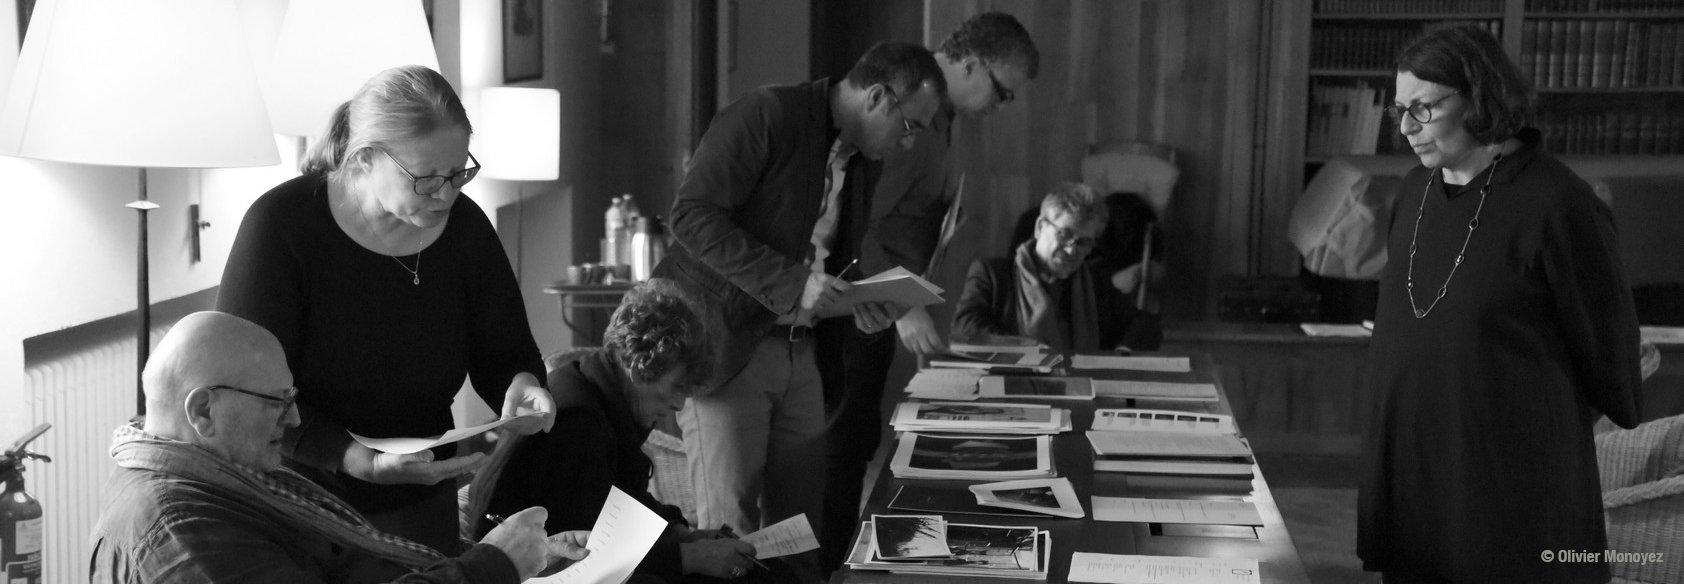 Réunion du Jury photo, janvier 2020